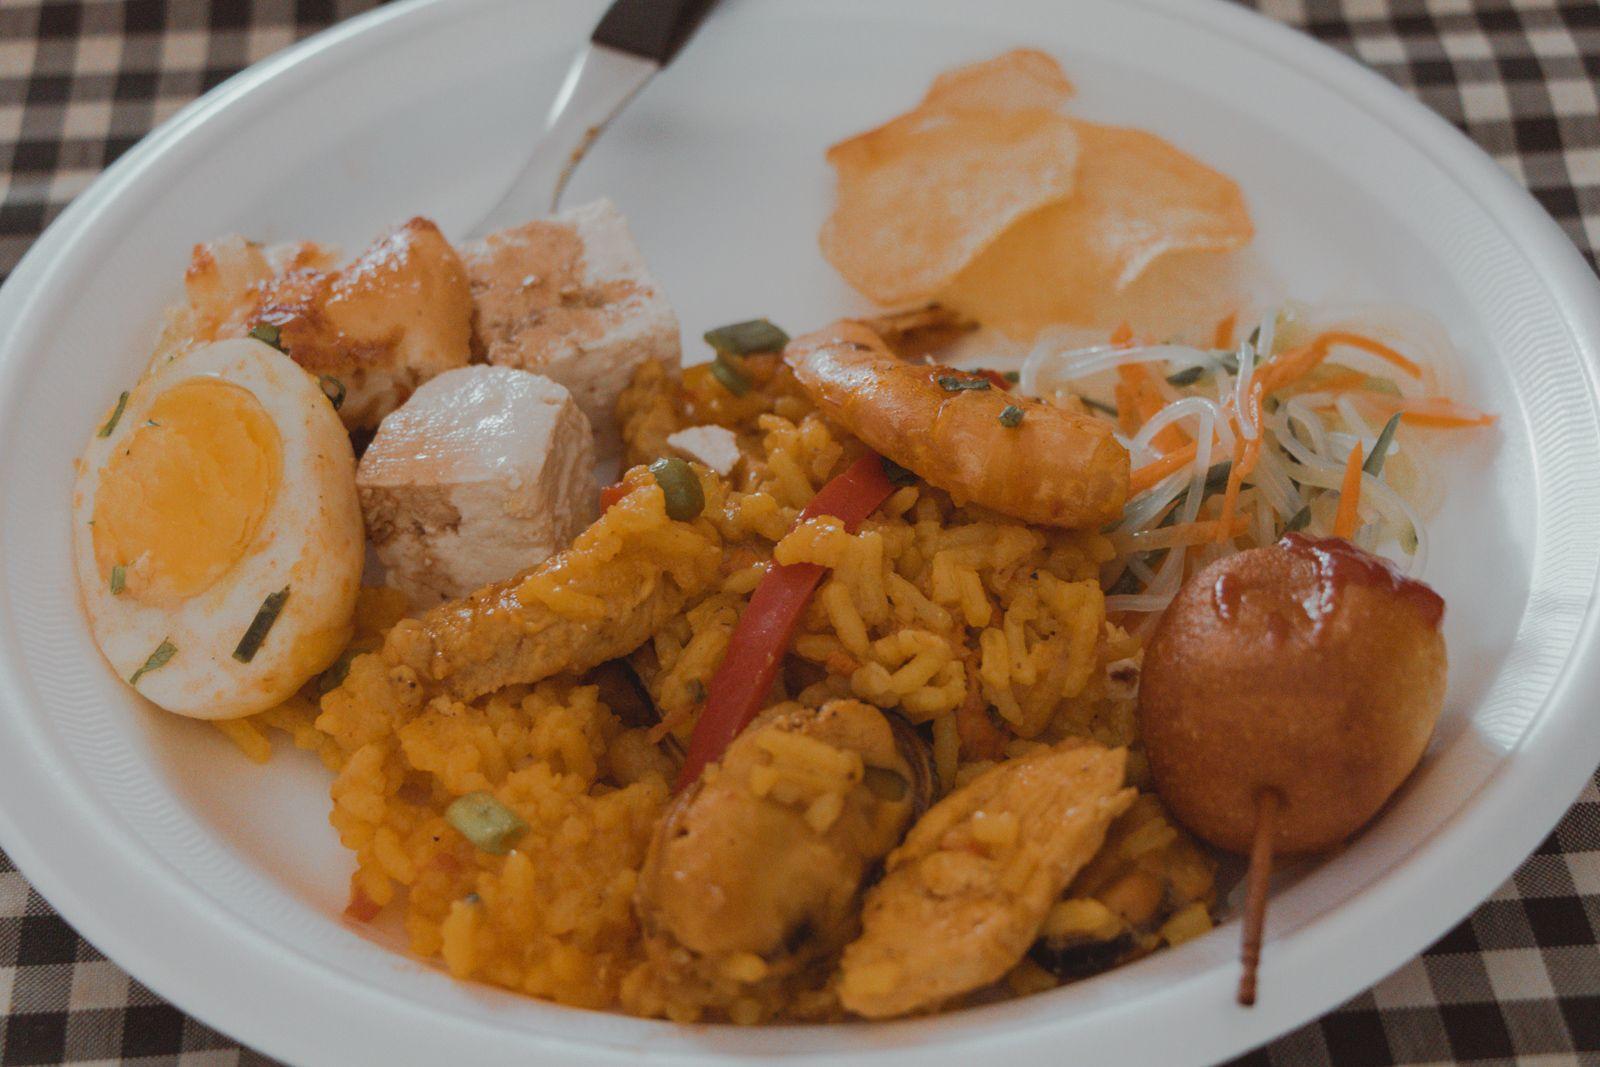 Aniversário com Paella e Corn Dogs prato cheio